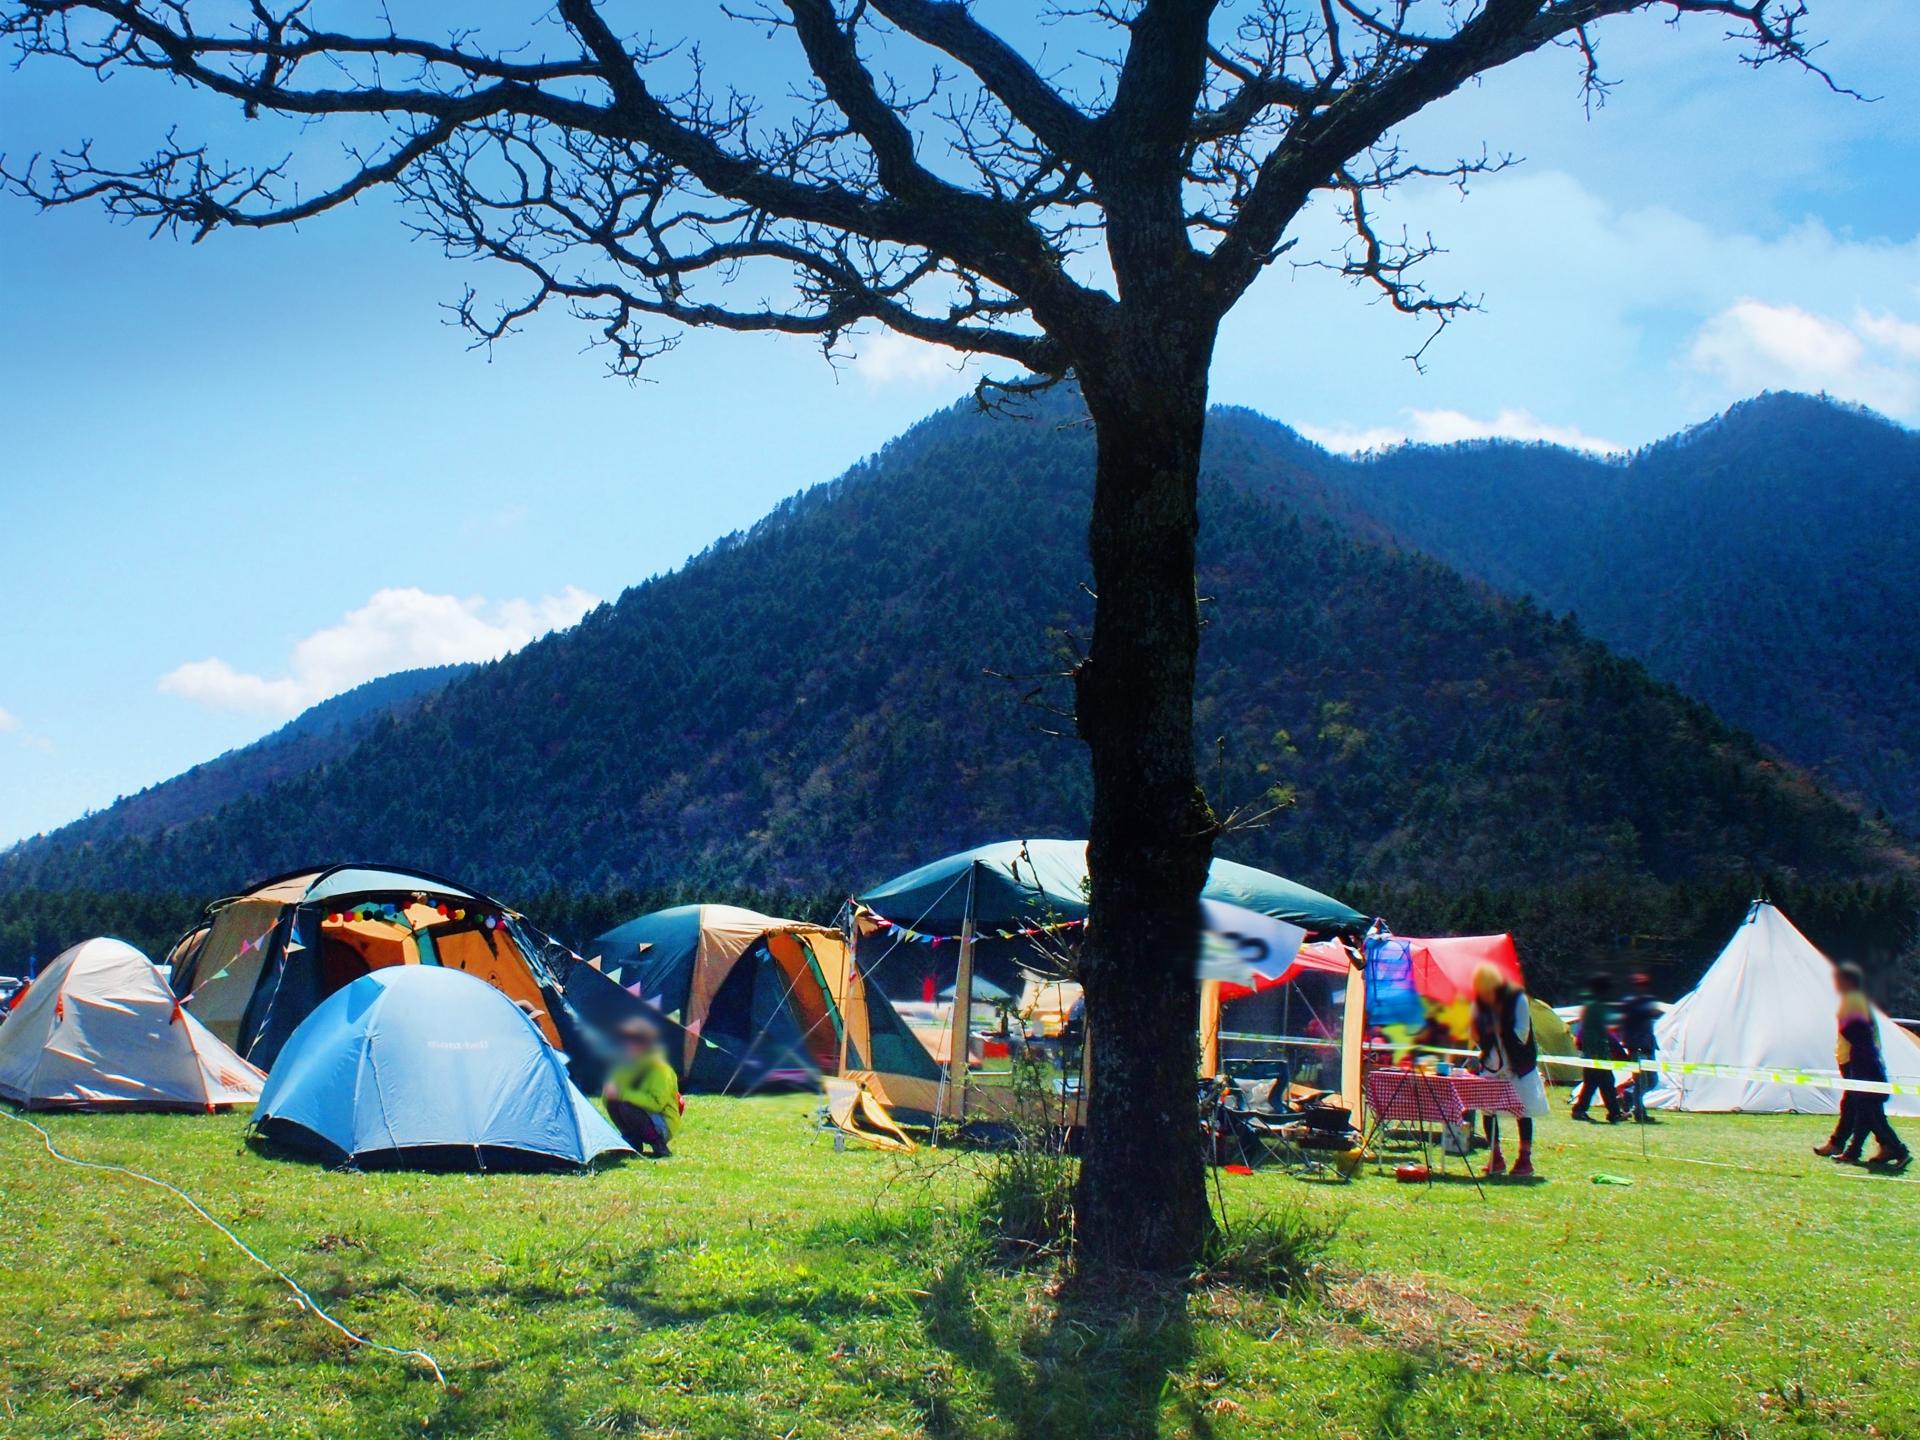 夏に涼しいキャンプ場の関西と九州と四国をふくめた西日本編